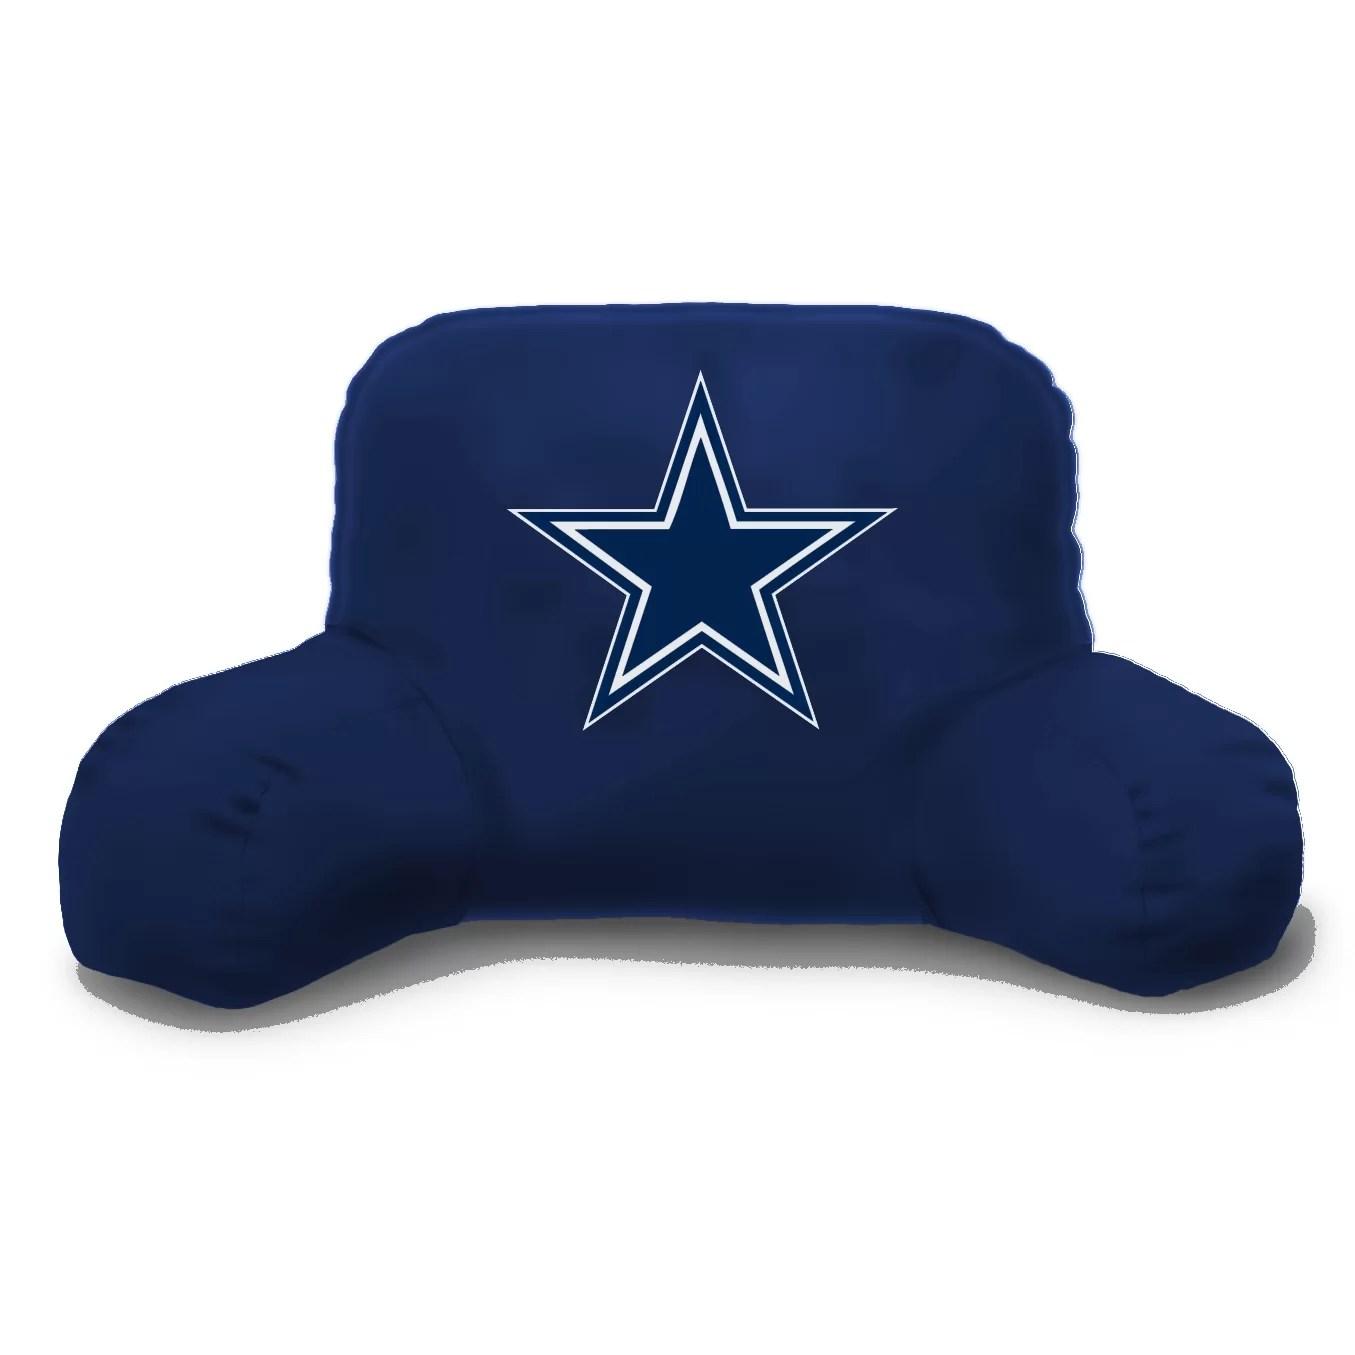 Northwest Co Nfl Dallas Cowboys Cotton Bed Rest Pillow